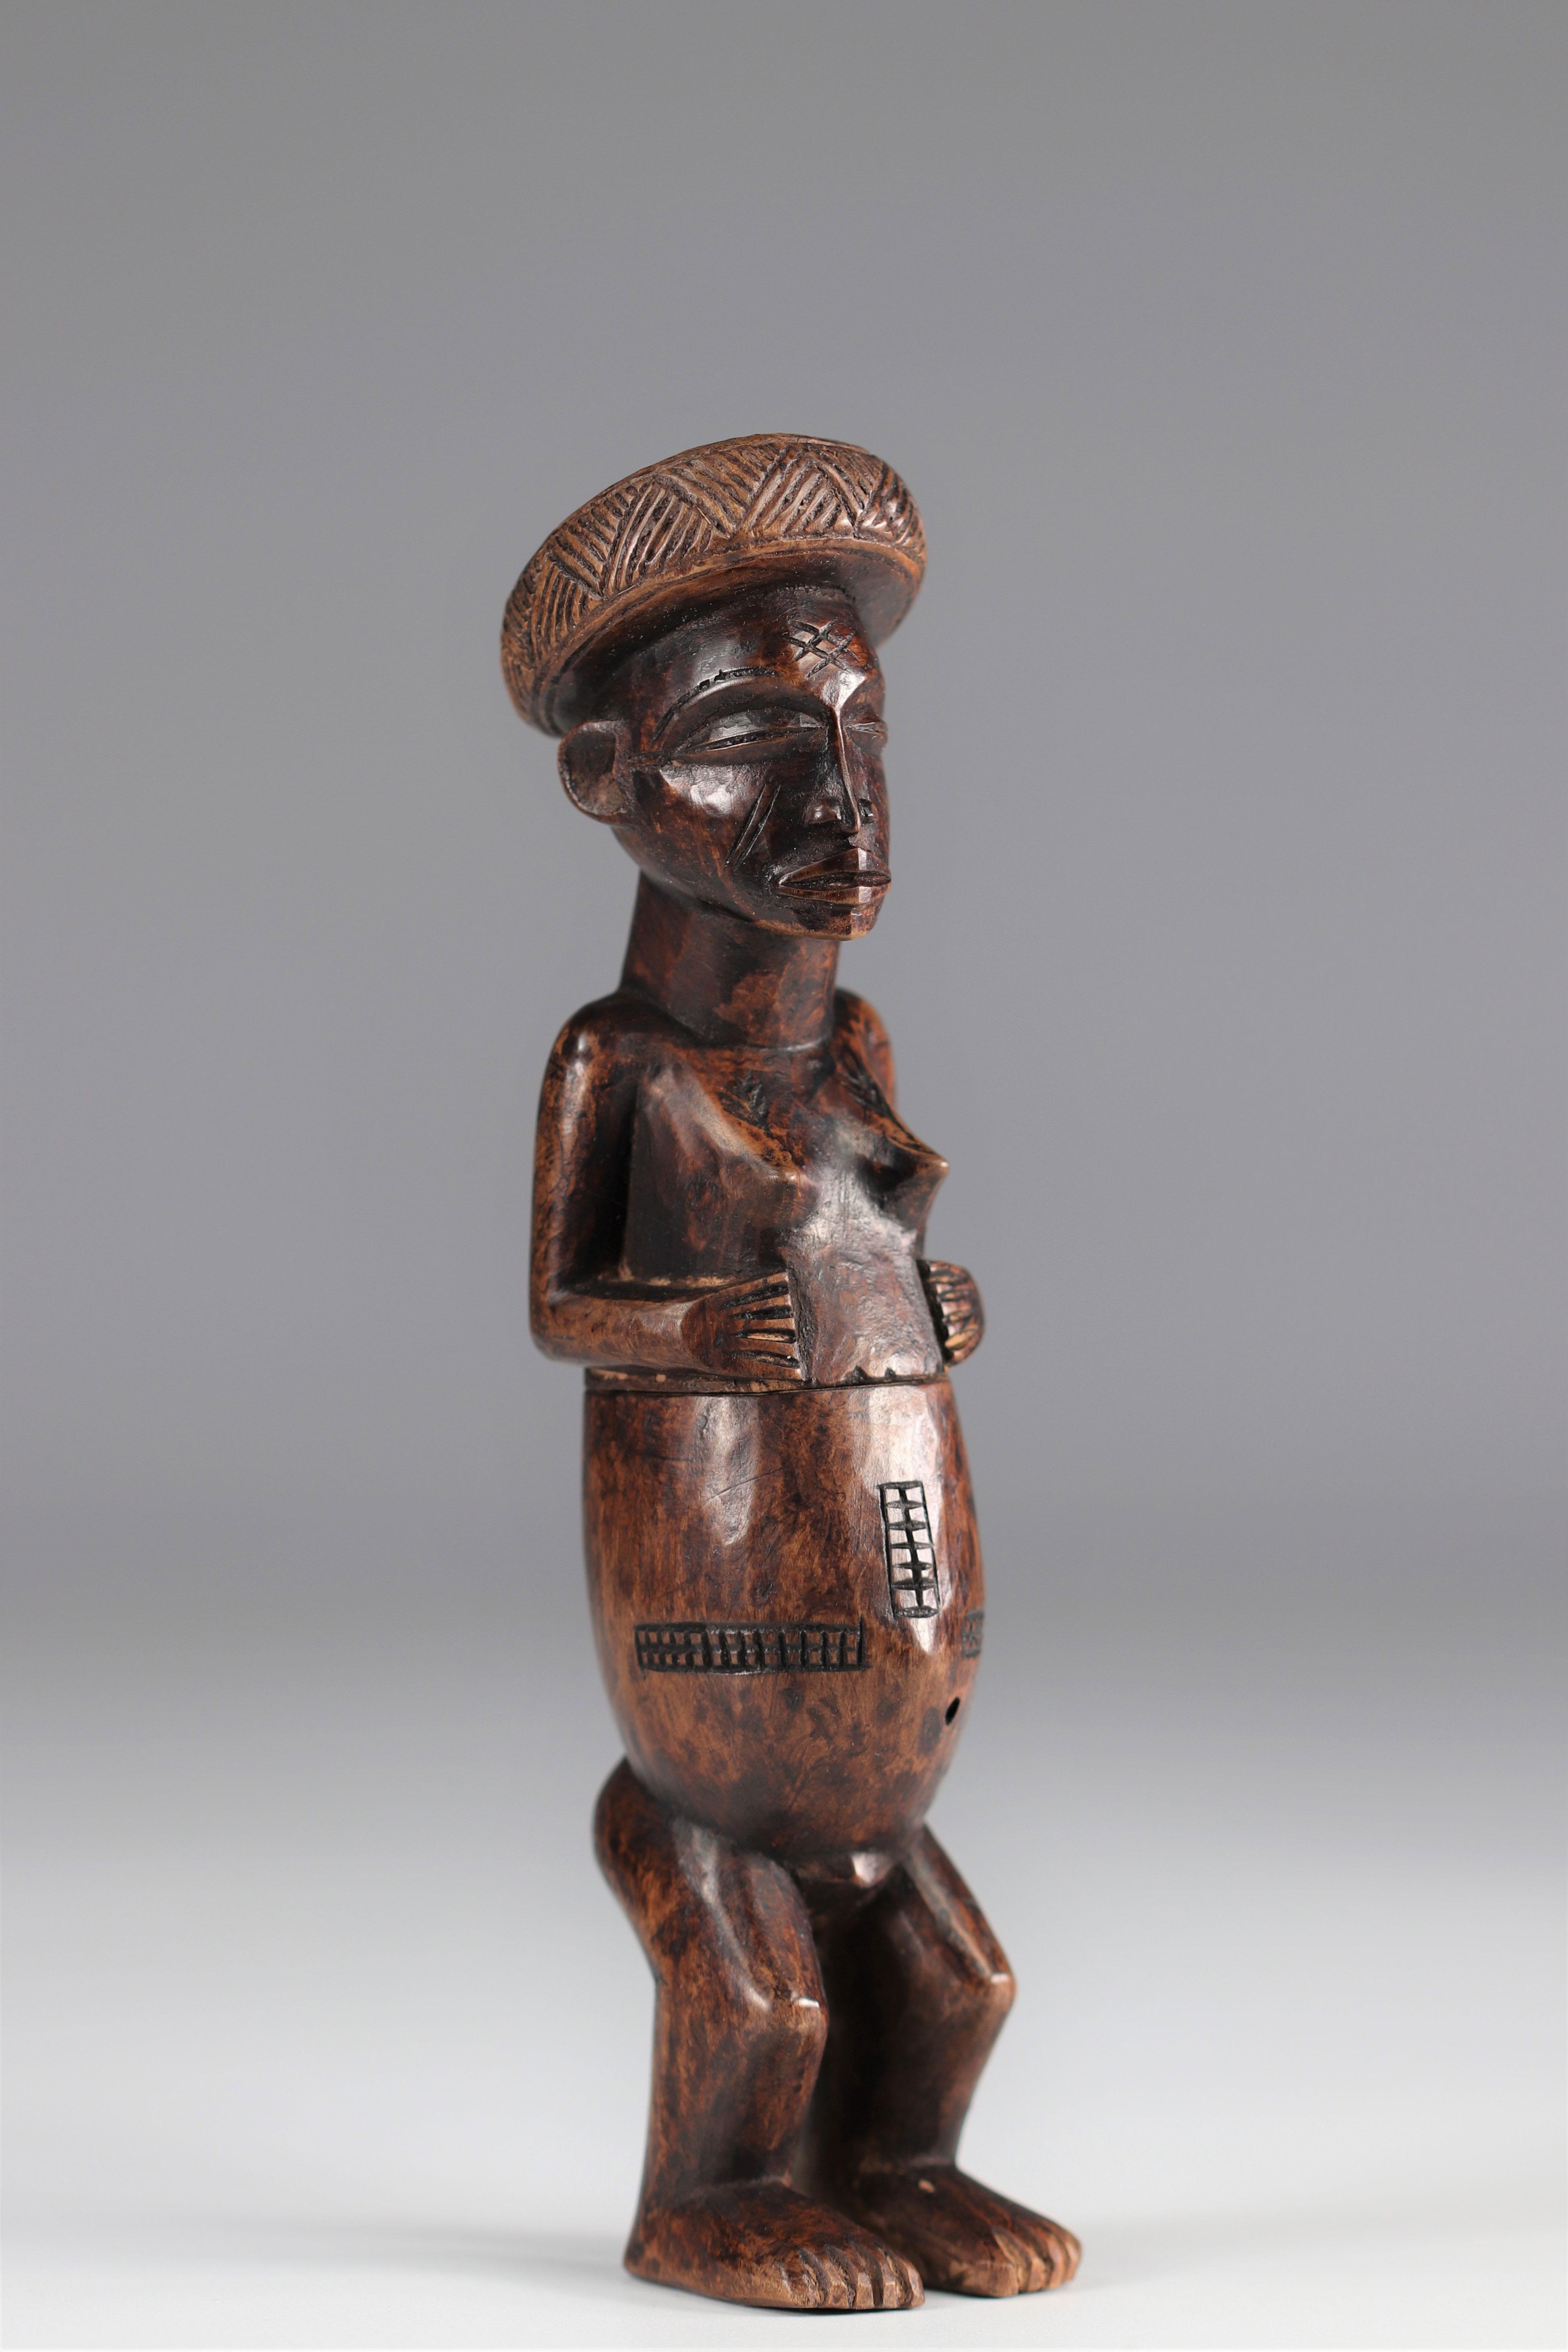 Lwena snuffbox - 20th century - DRC - Africa